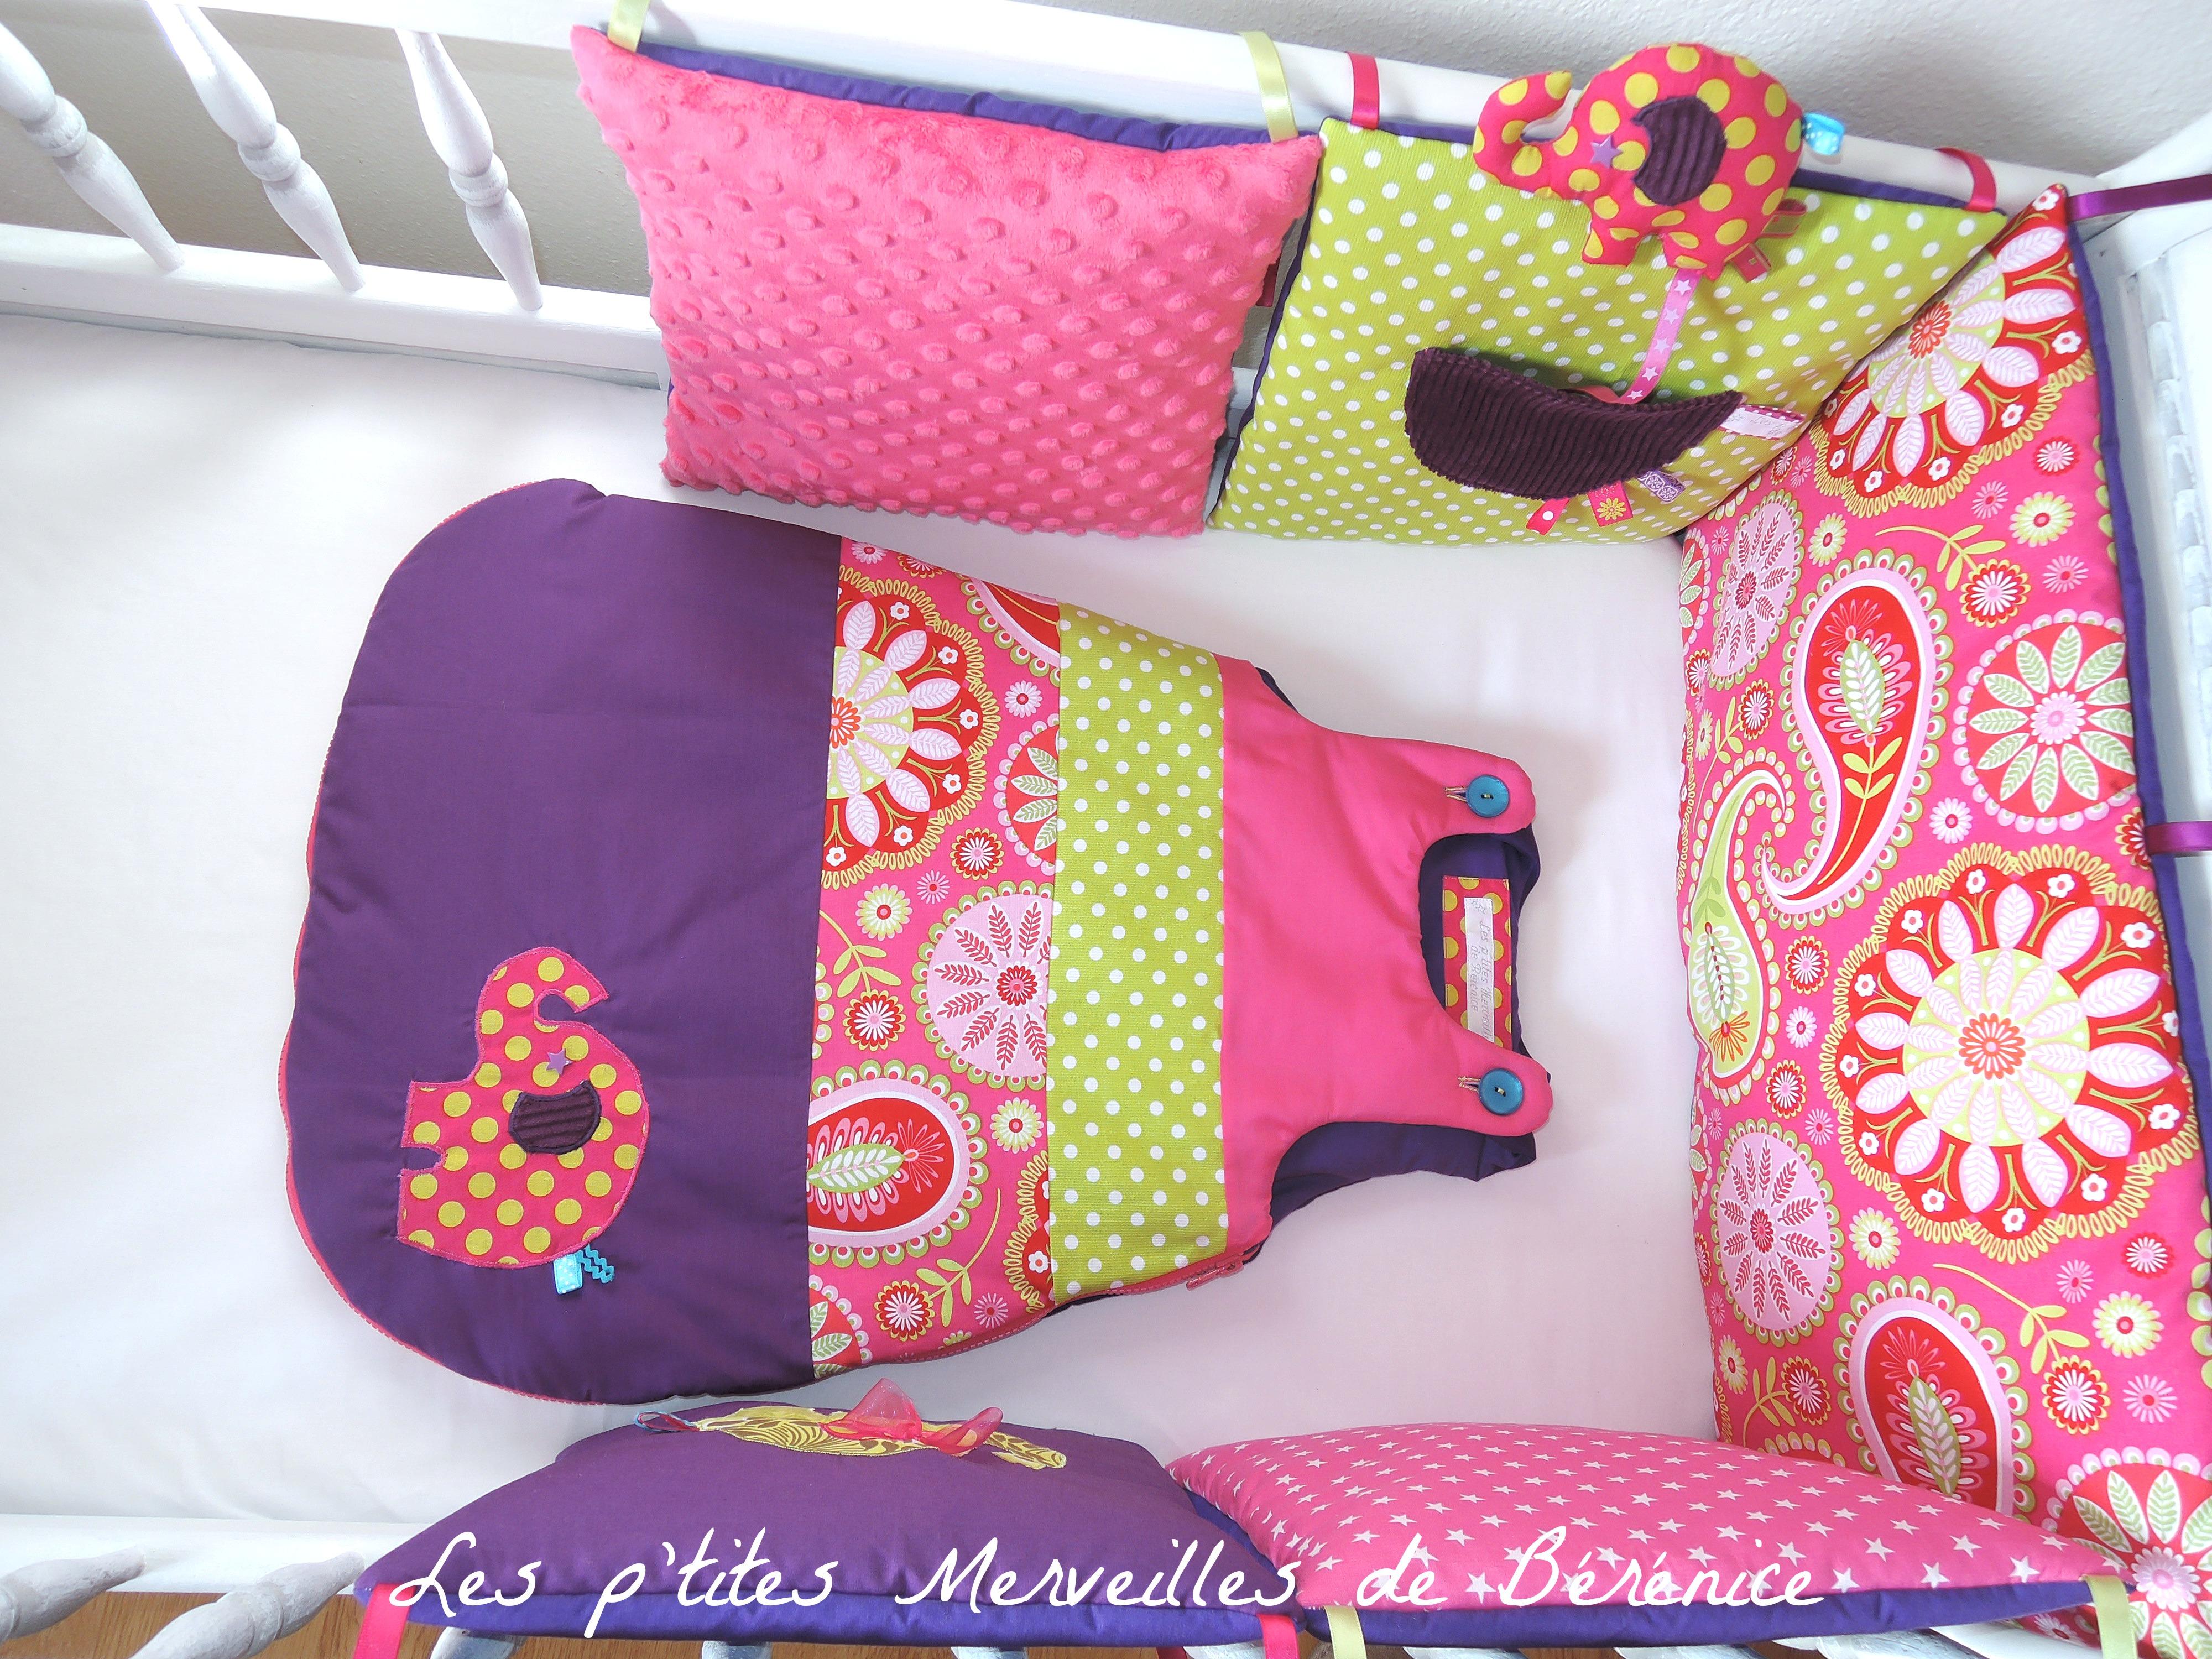 d co chambre b b cadeau naissance les p 39 tites merveilles de b r nice tour de lit gigoteuse. Black Bedroom Furniture Sets. Home Design Ideas